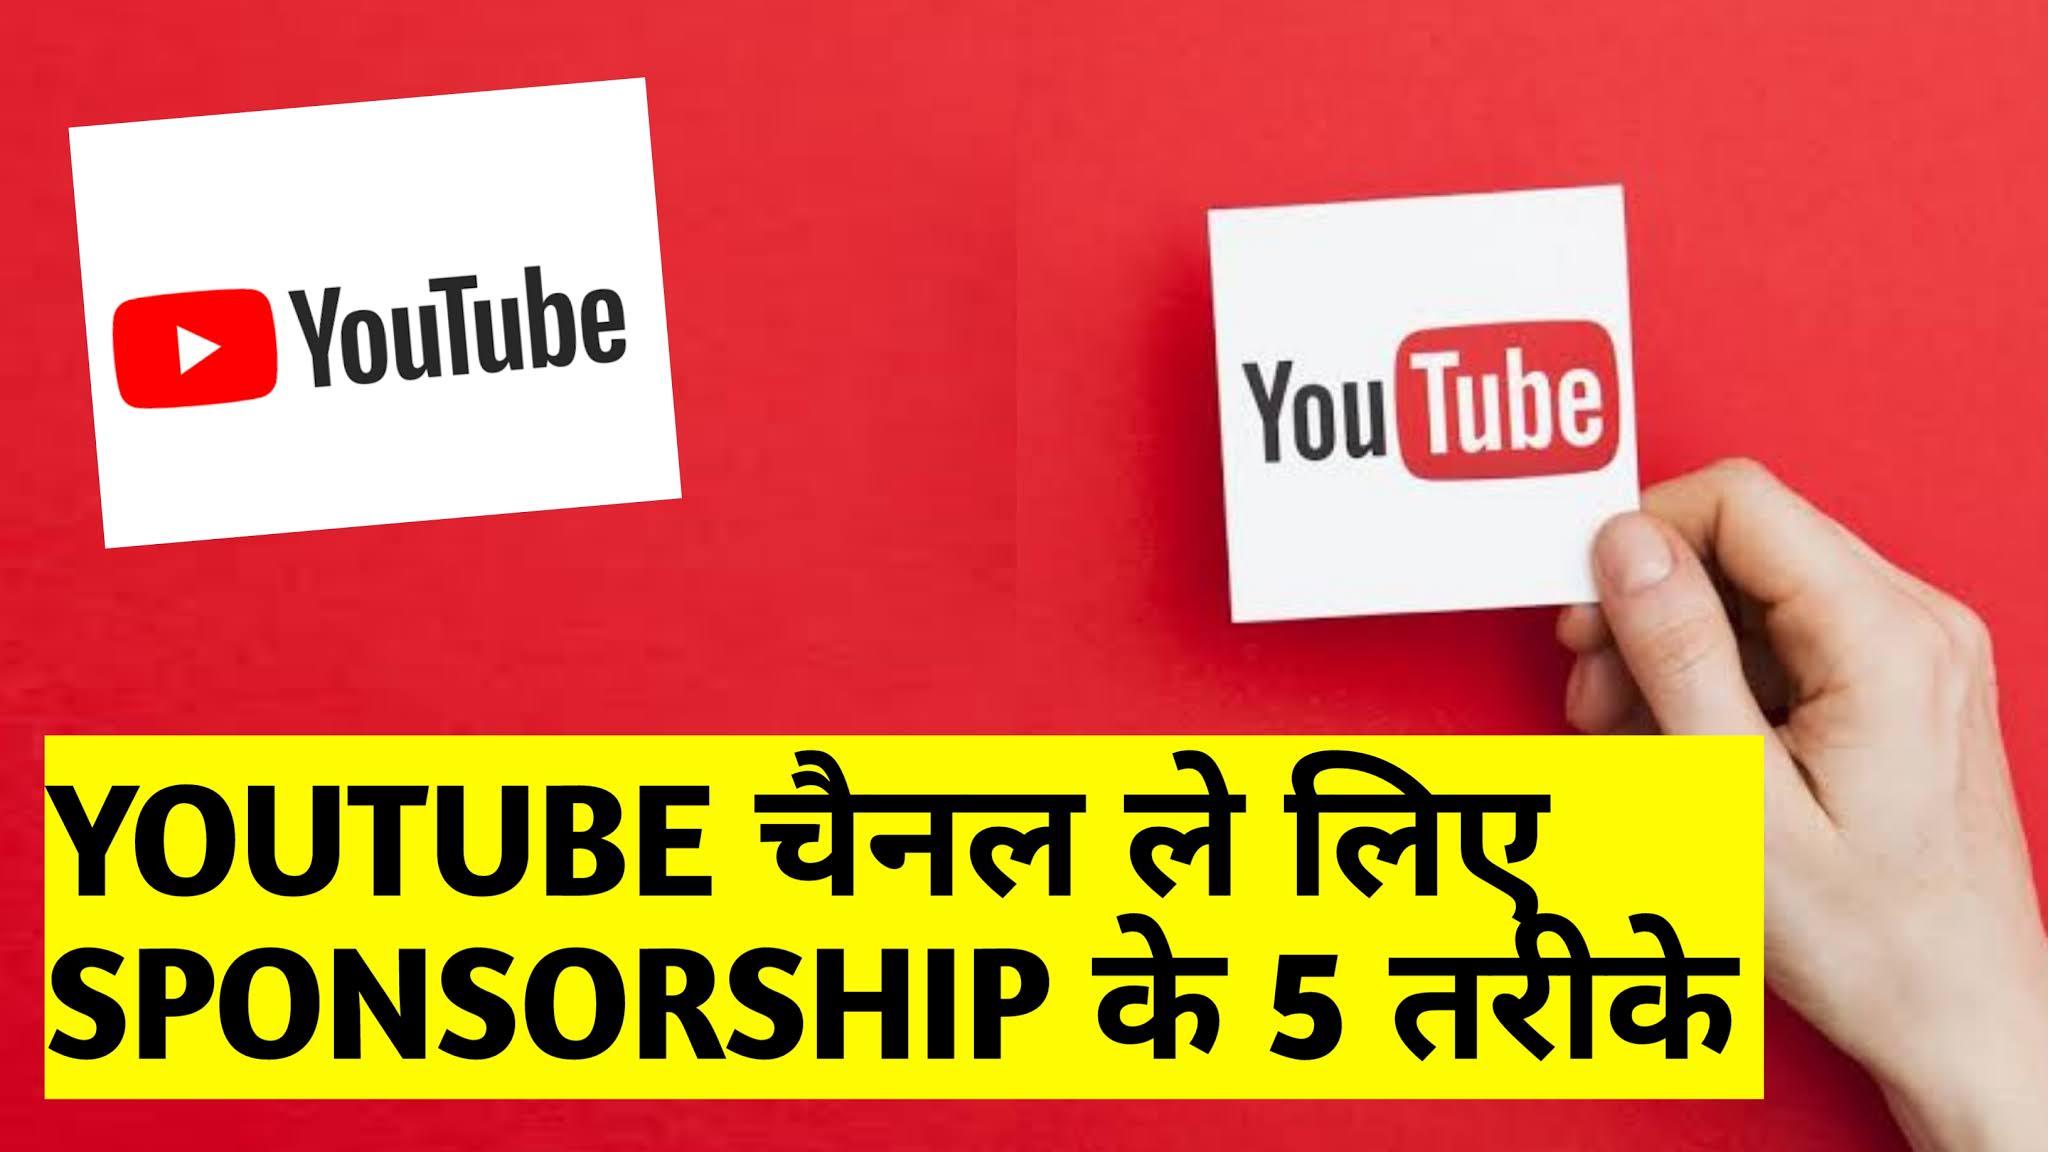 YouTube Channel के लिए sponsorships पाने के 5 जबरदस्त तरीके- How to get sponsorships for YouTube channel in hindi